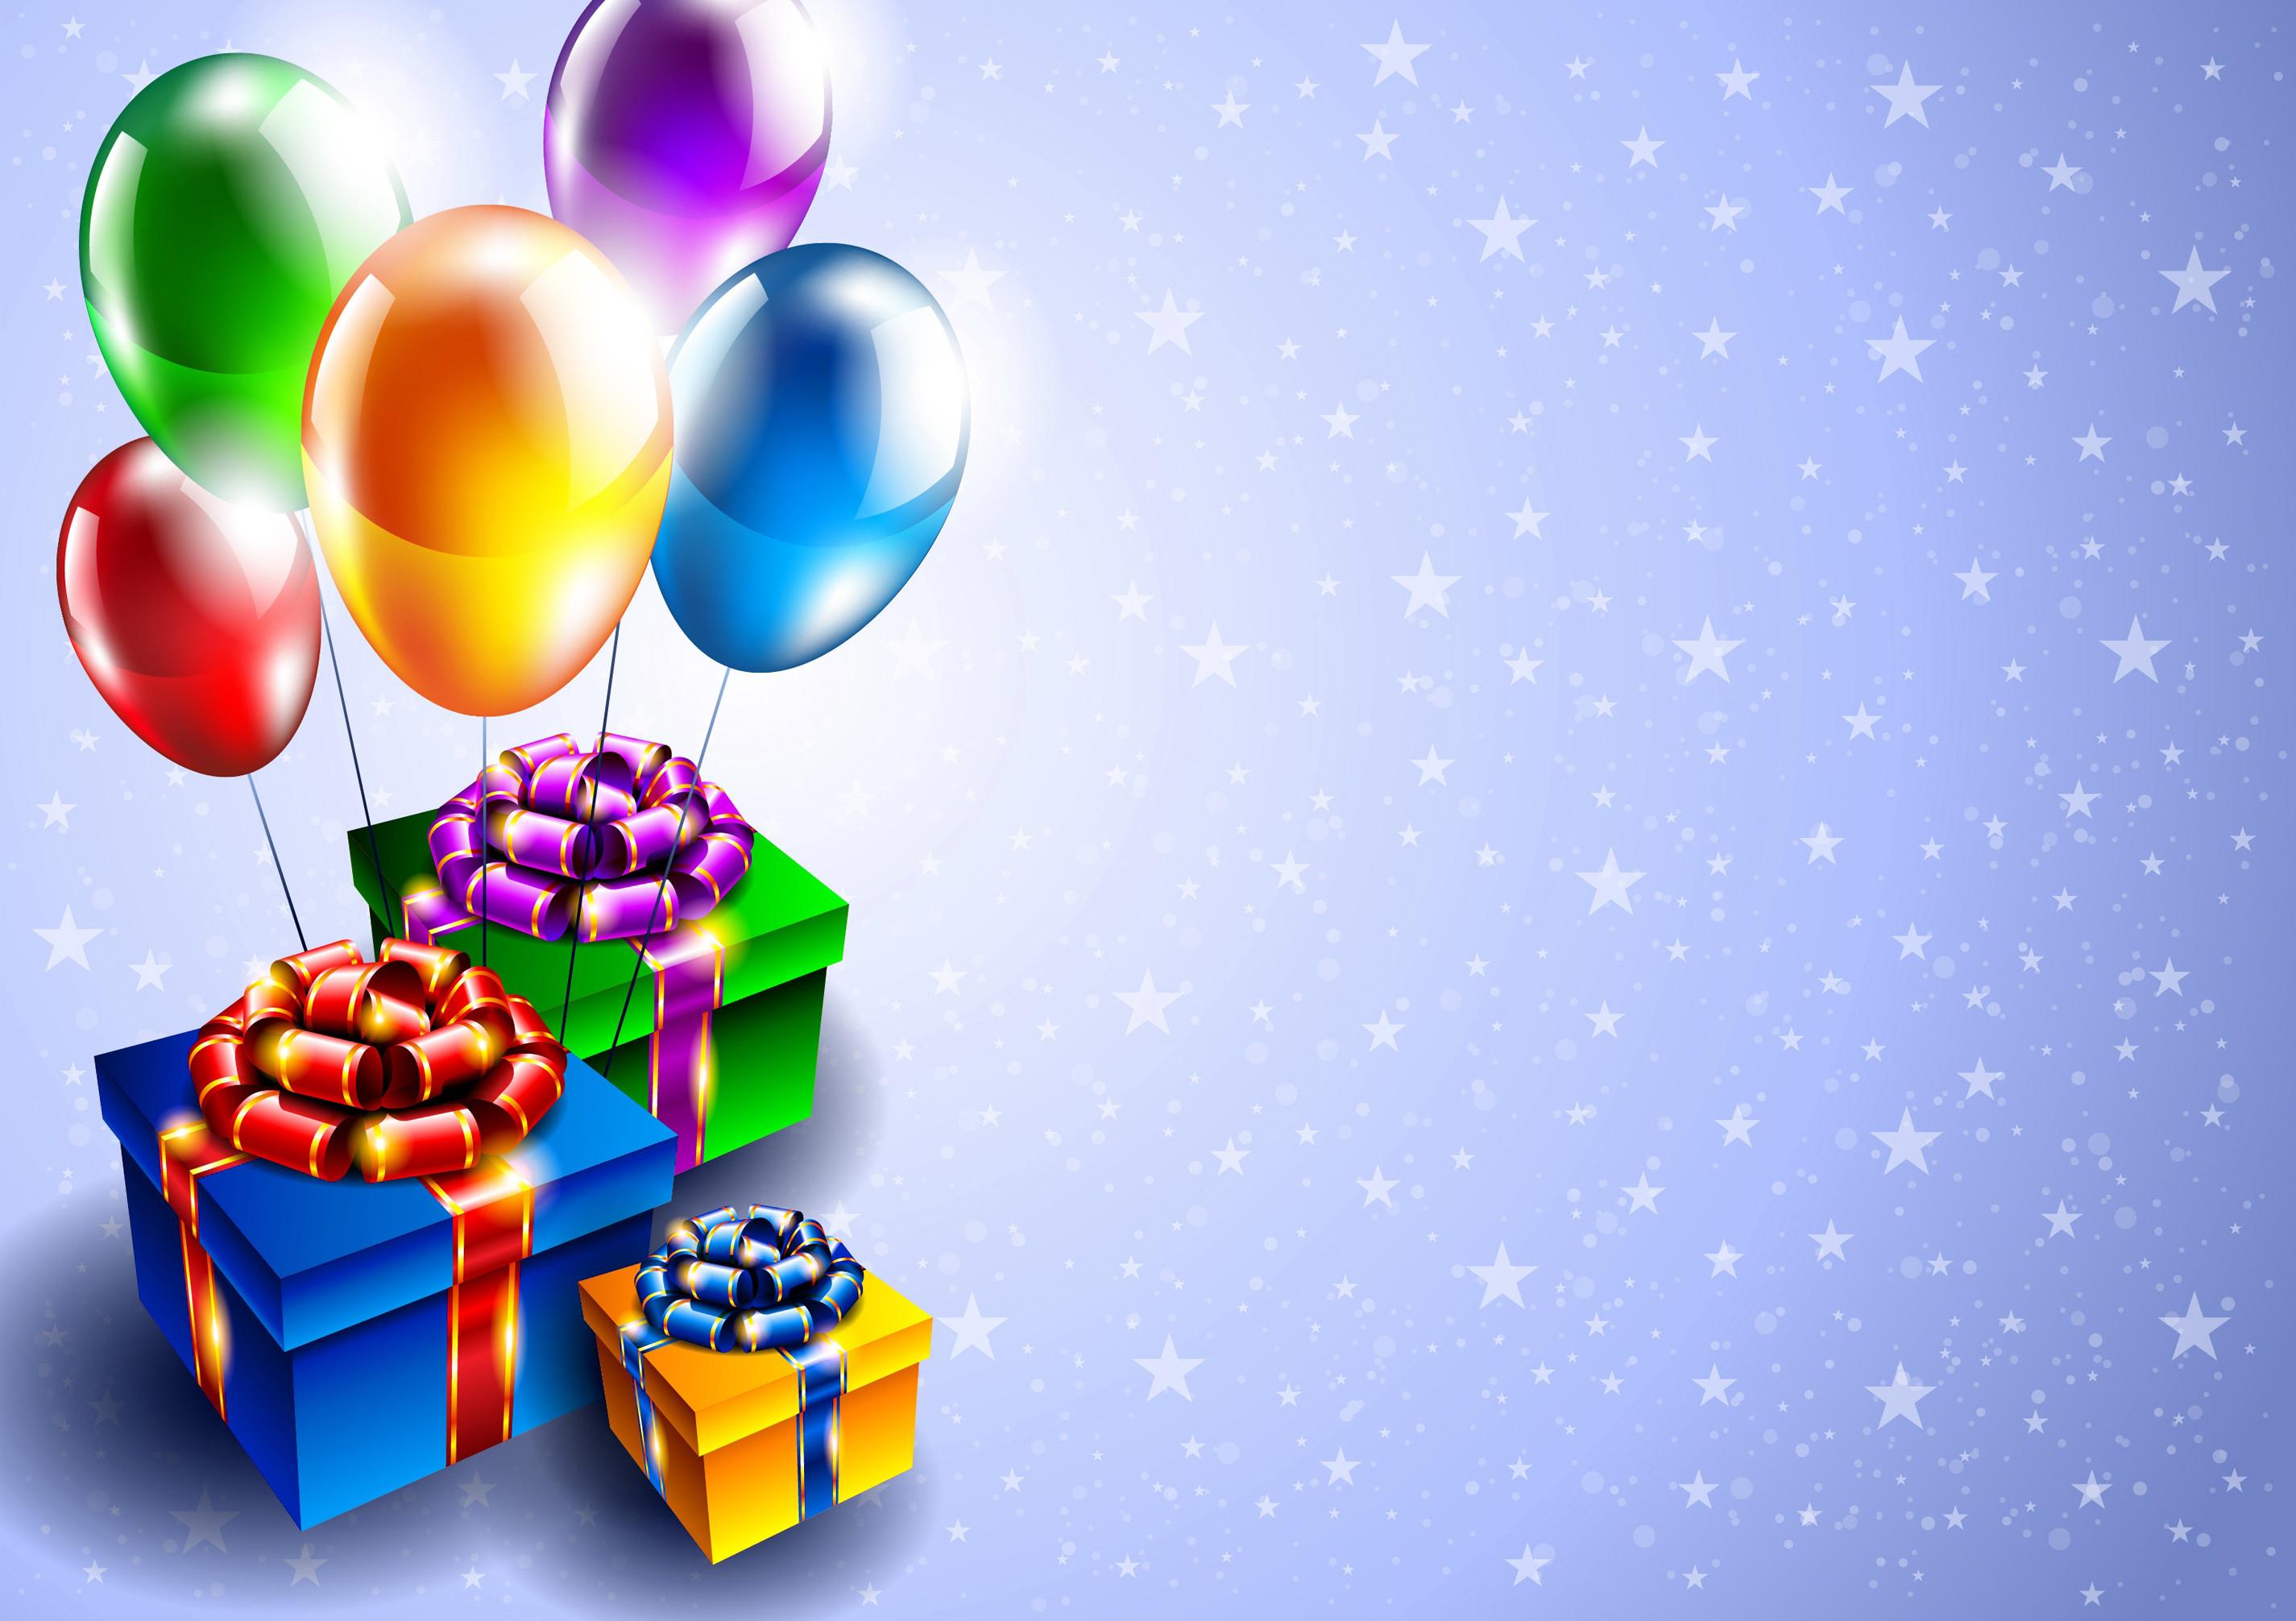 Sinh nhật của bạn bè và người thân đang đến gần, bạn đang tìm kiếm những hình ảnh đẹp và ý nghĩa nhất để chúc mừng sinh nhật họ?